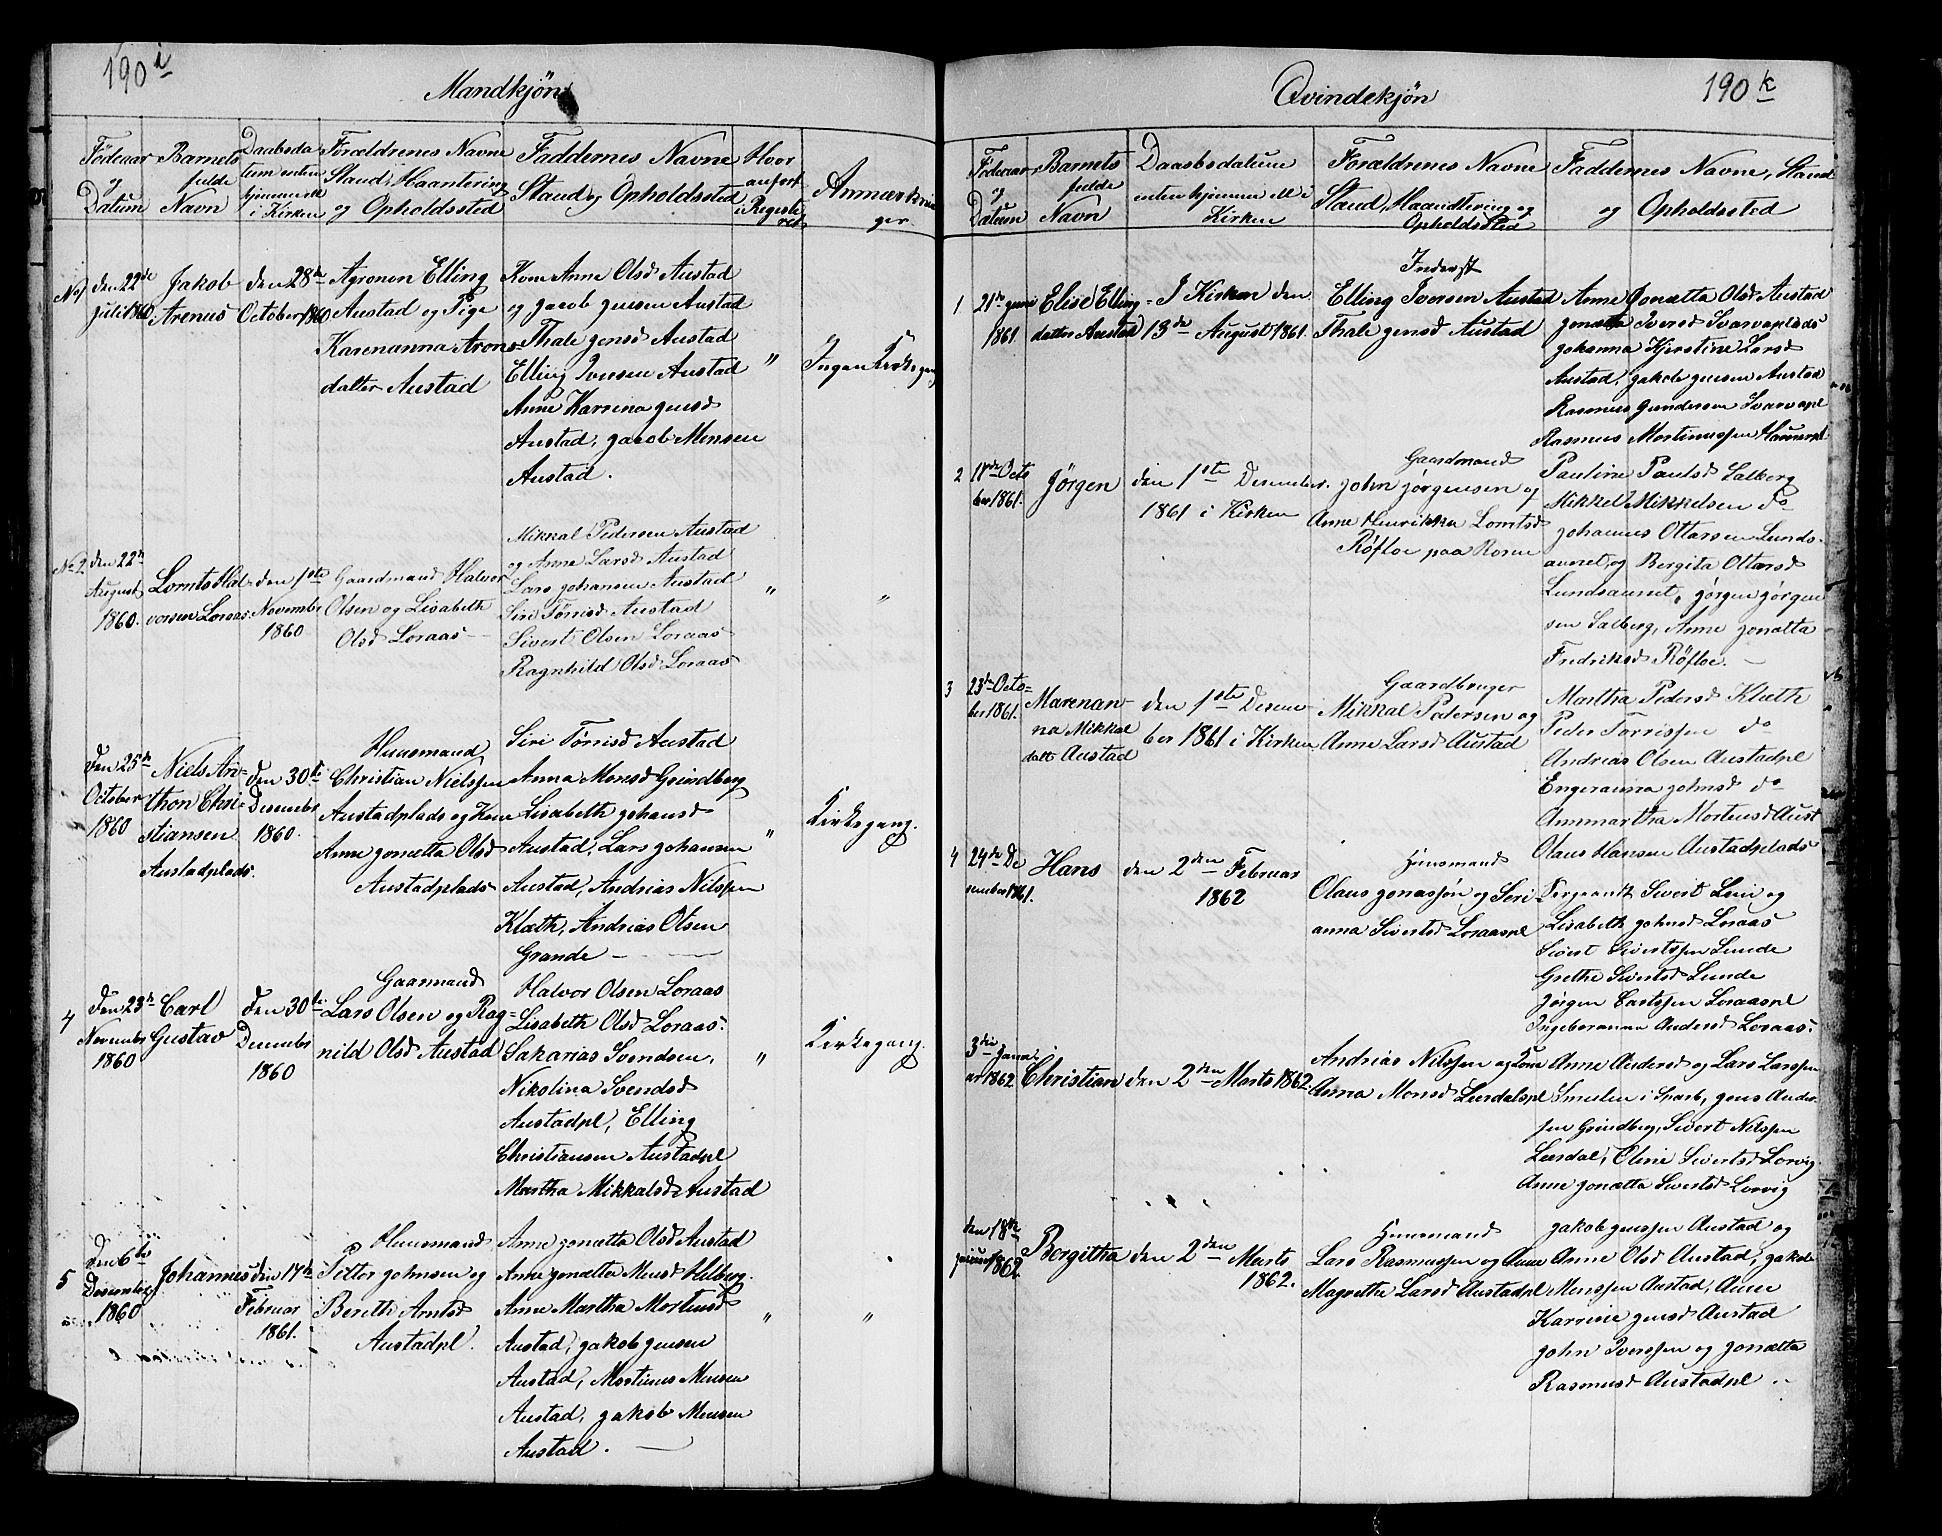 SAT, Ministerialprotokoller, klokkerbøker og fødselsregistre - Nord-Trøndelag, 731/L0310: Klokkerbok nr. 731C01, 1816-1874, s. 190i-190j